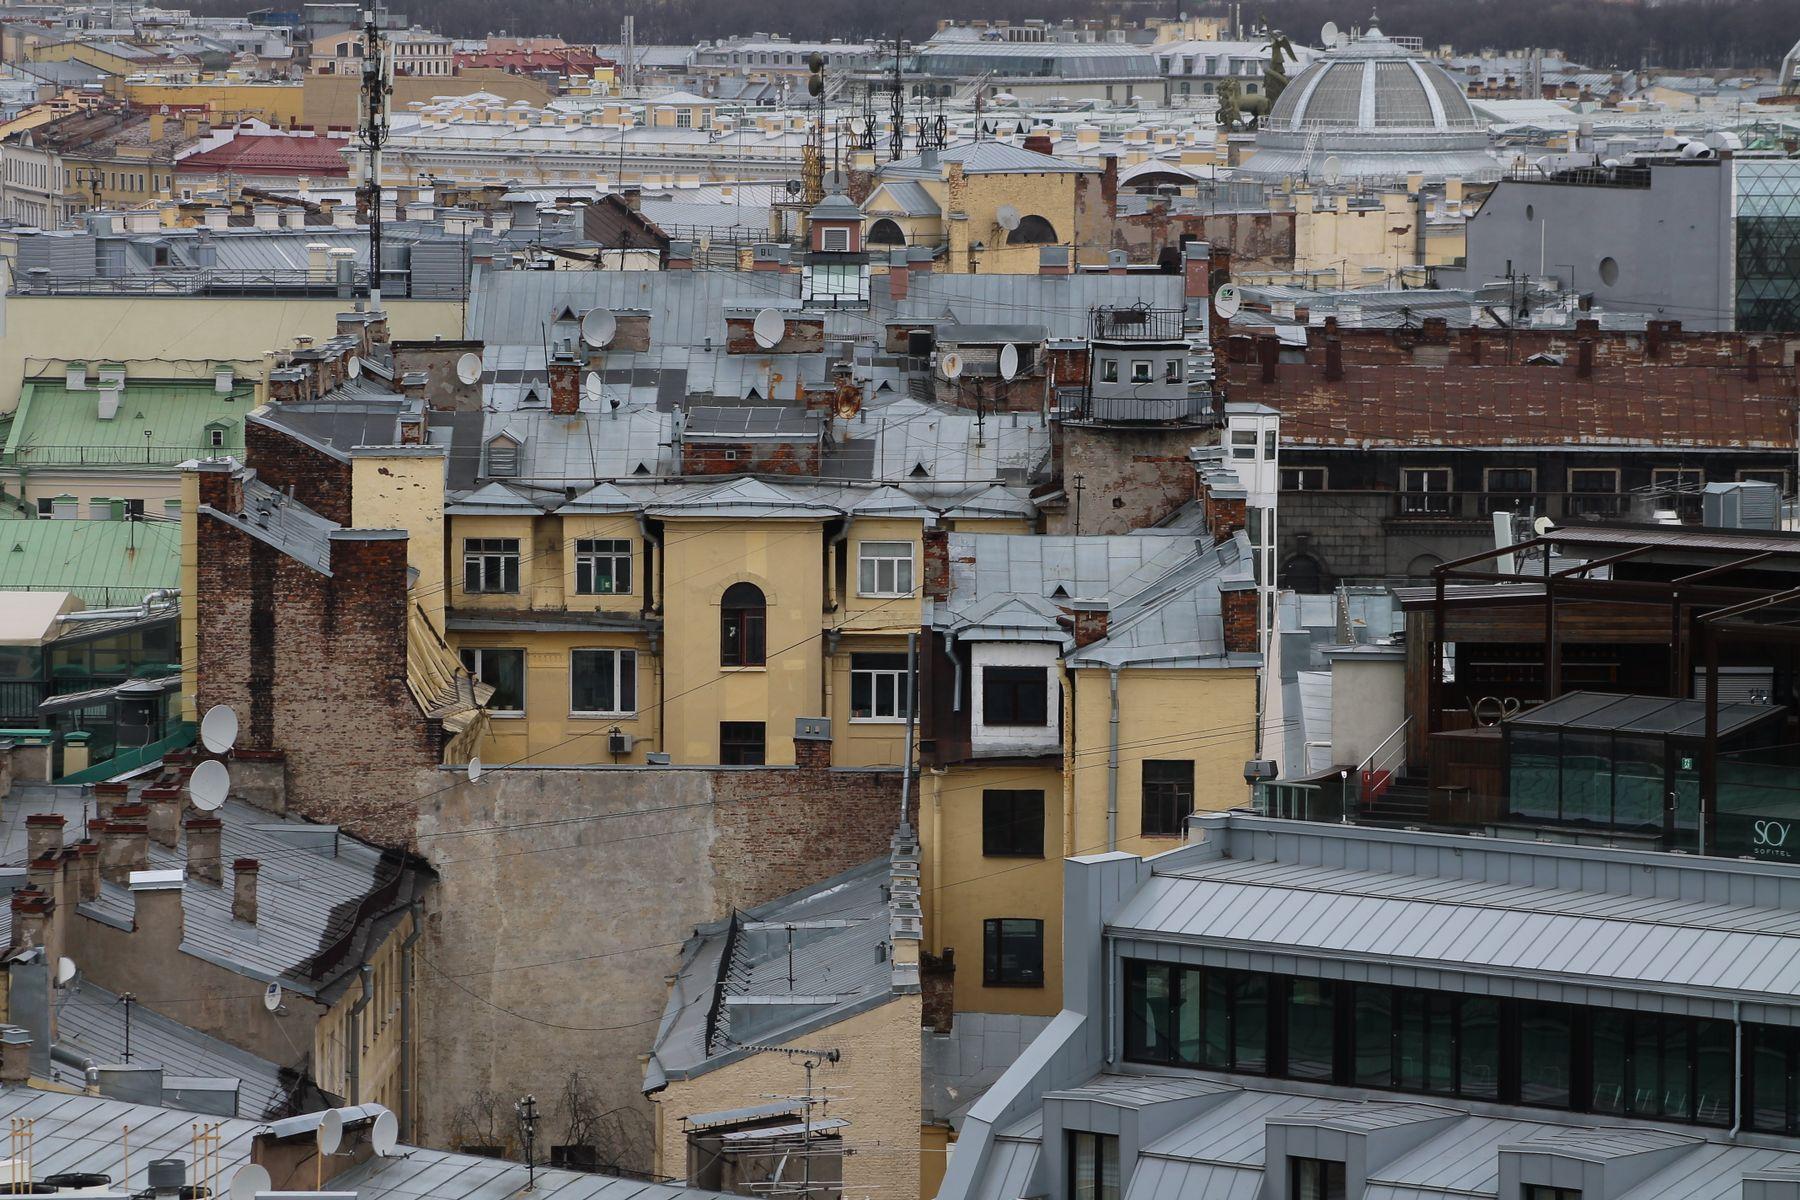 Вид на Санкт-Петербург с колоннады Исаакиевского Собора Санкт-Петербург